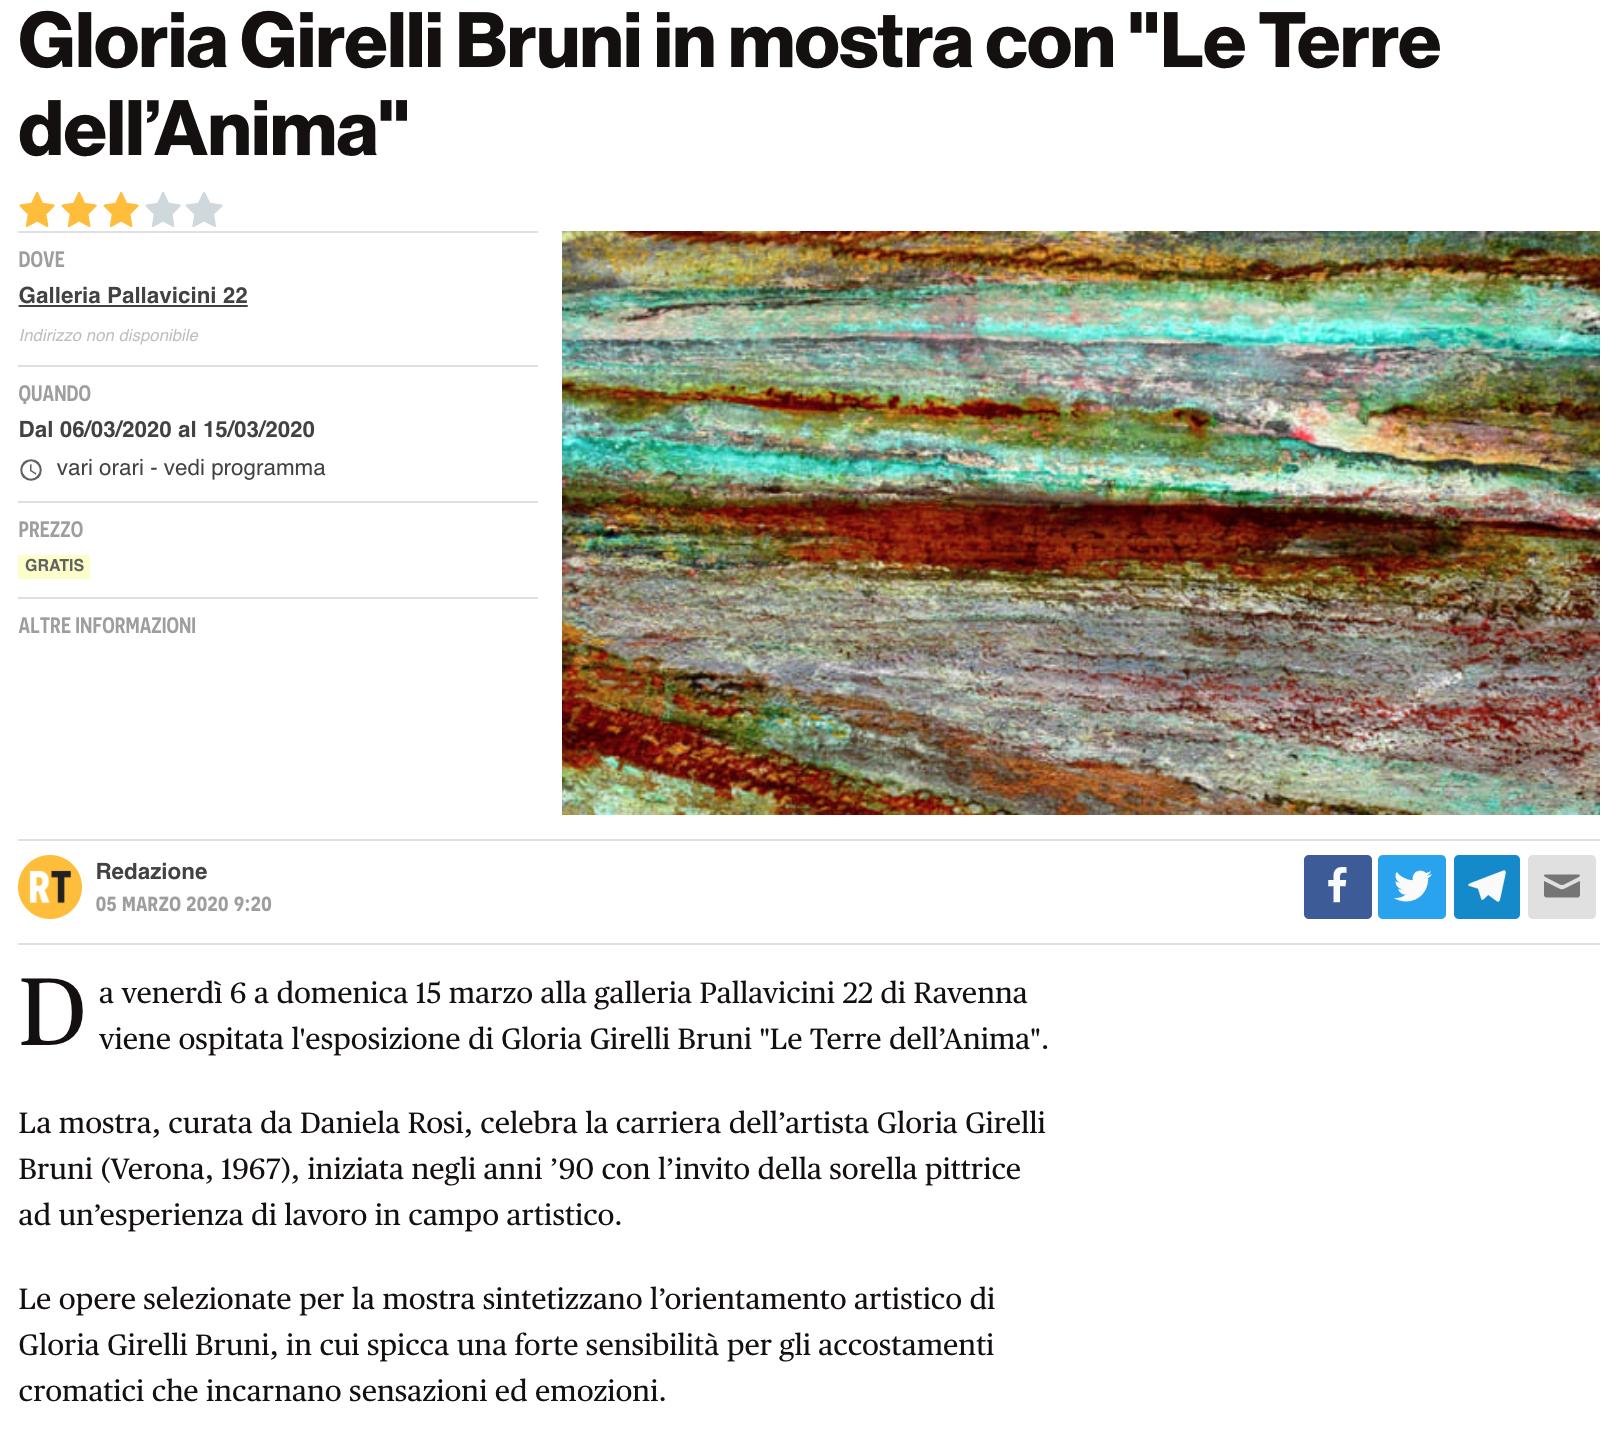 Le Terre dell'Anima di Gloria Girelli Bruni su RavennaToday | Pallavicini22 spazio espositivo Ravenna